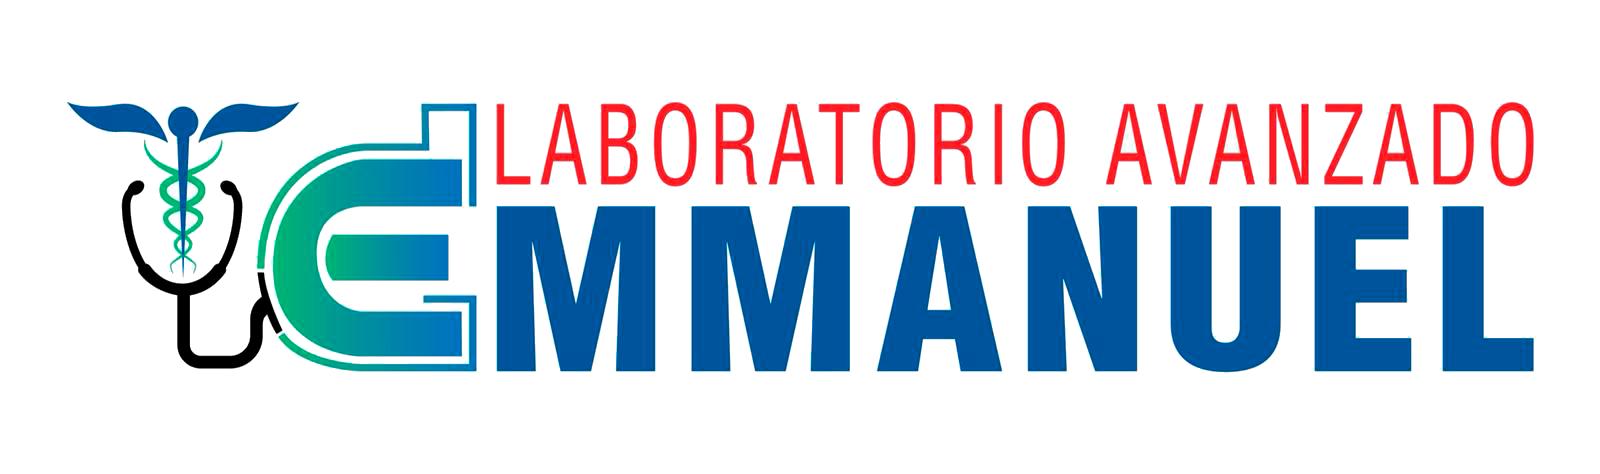 Laboratorio Emmanuel Logo